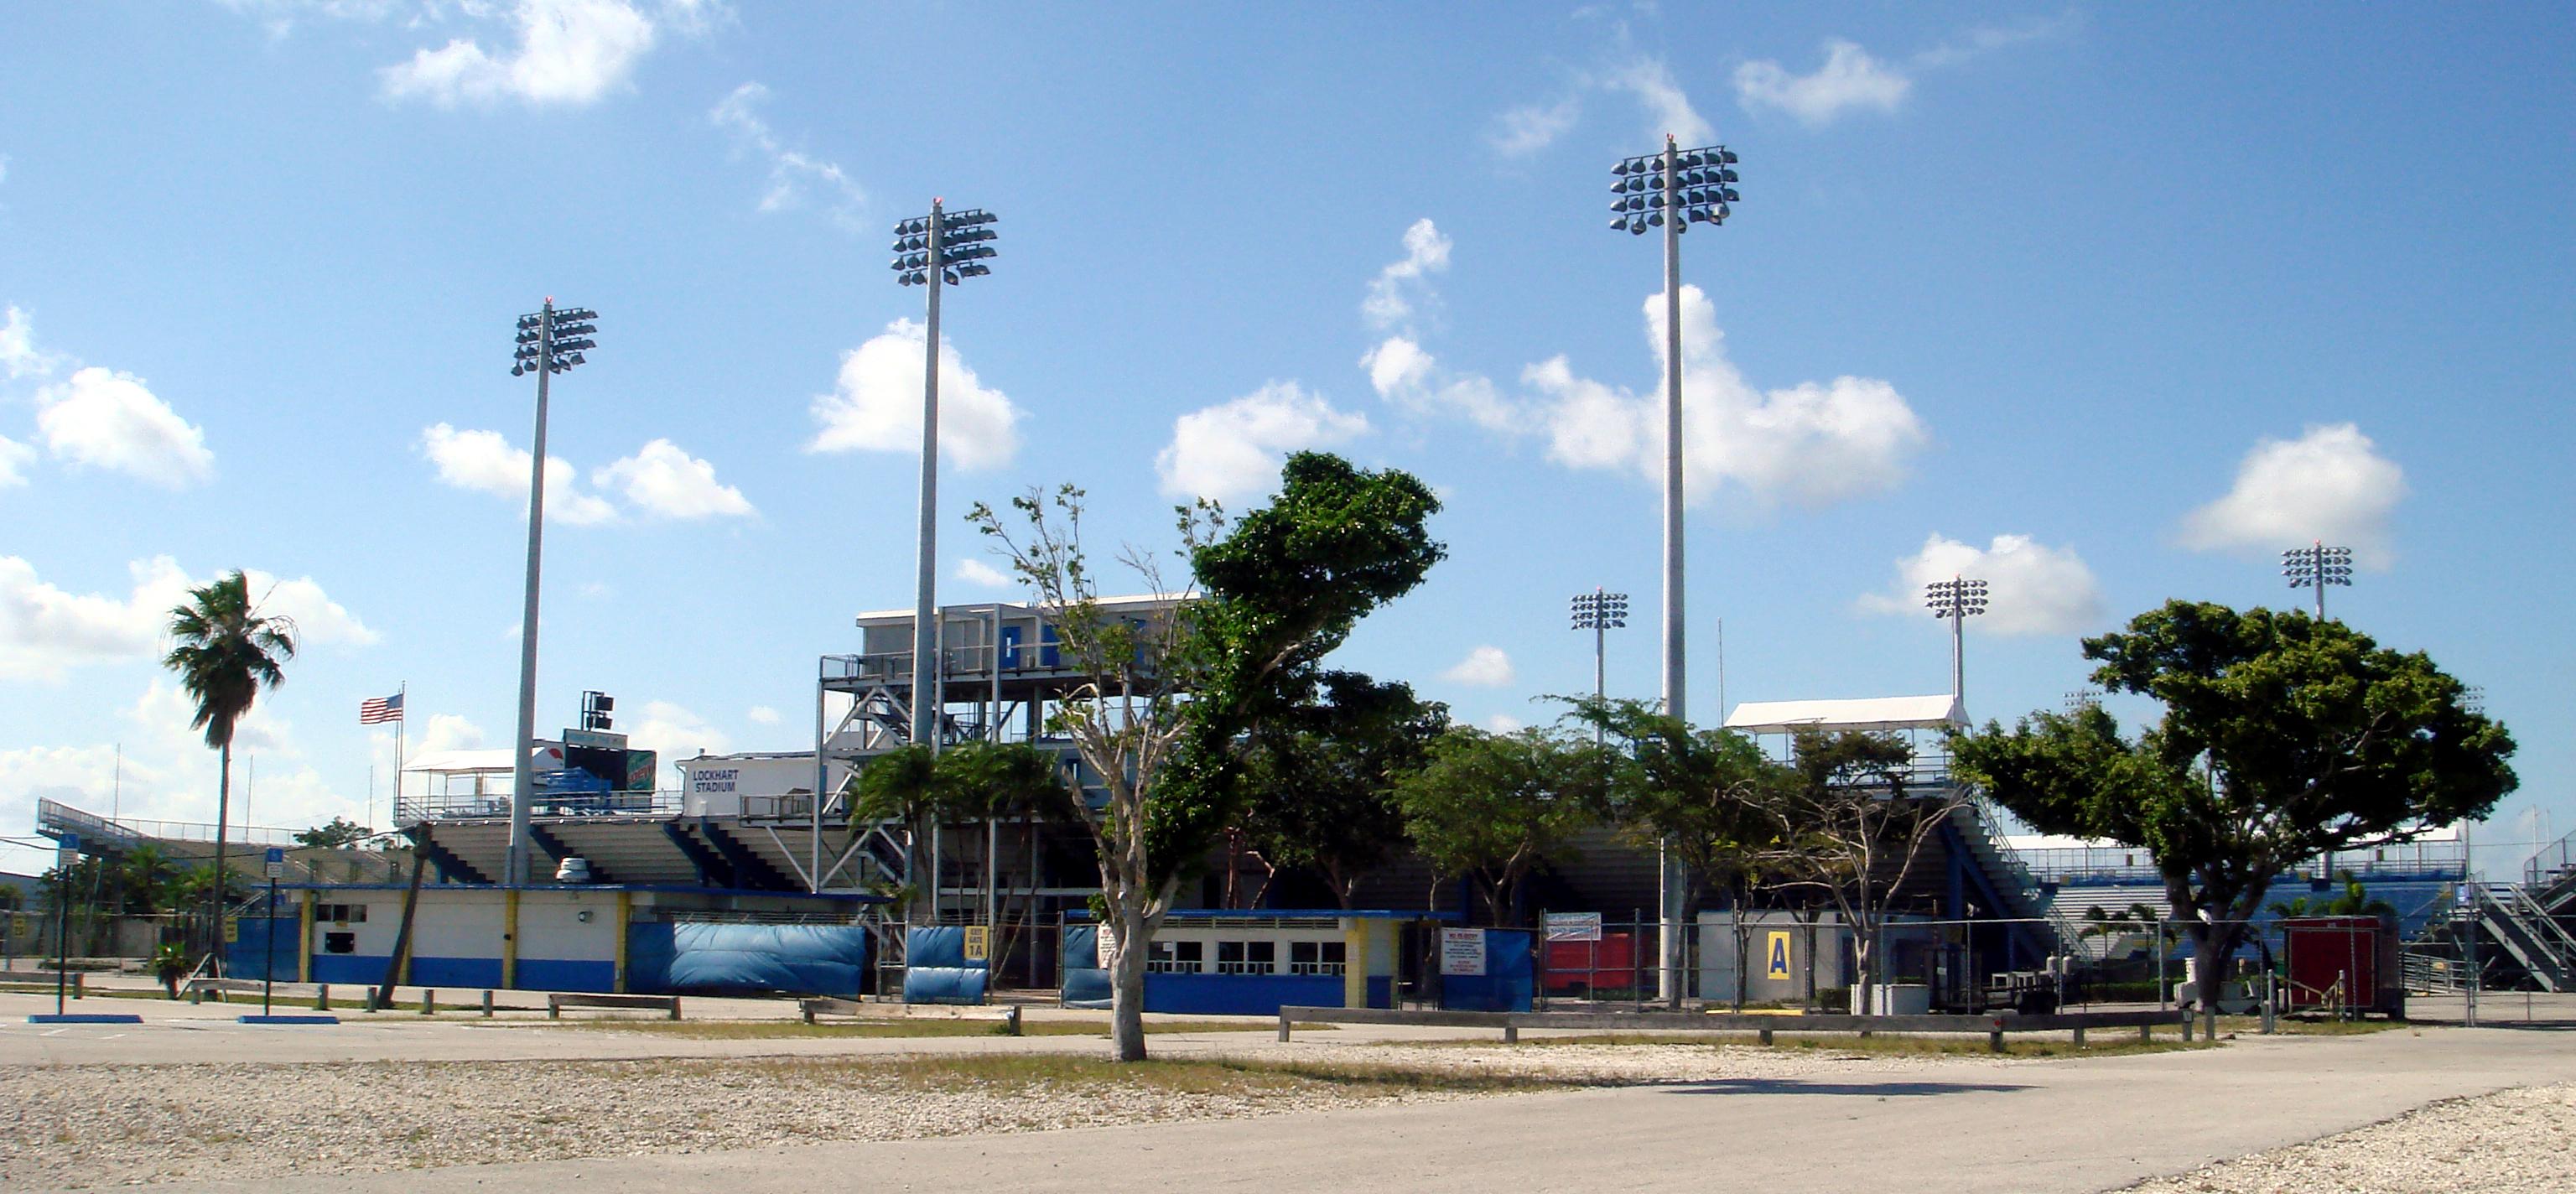 Lockhart Stadium - Wikipedia